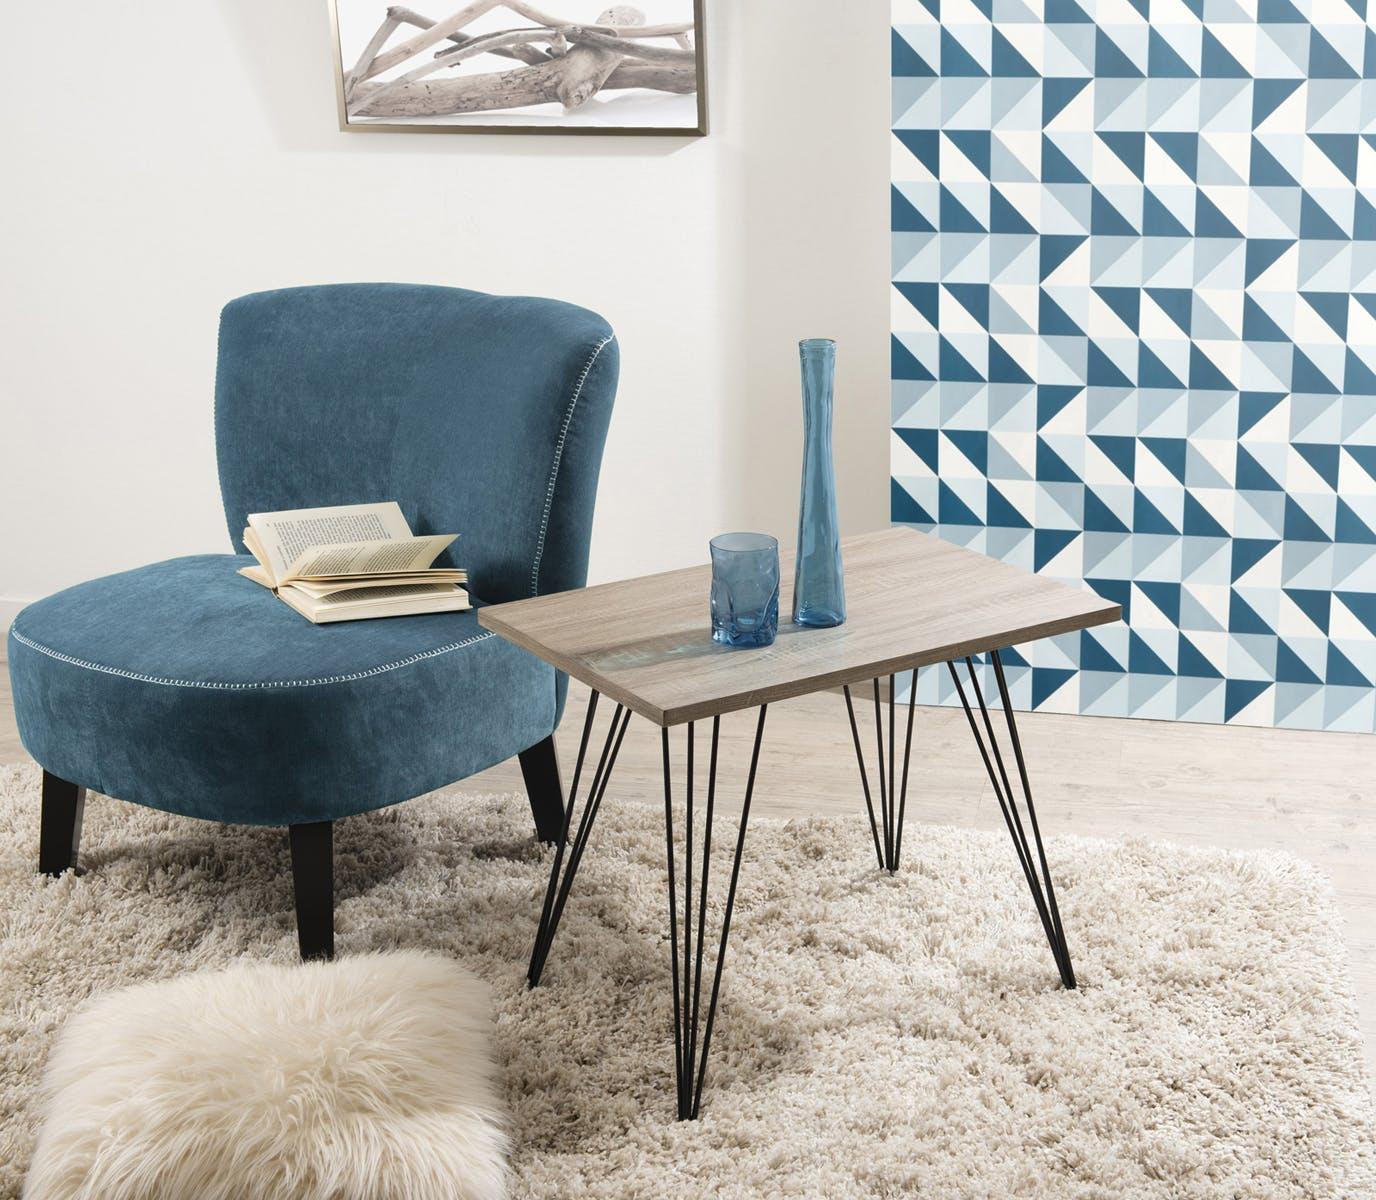 Table basse rectangle rétro bois et pieds métal noir en épingle 4 tiges 60X40X51cm LANDAISE